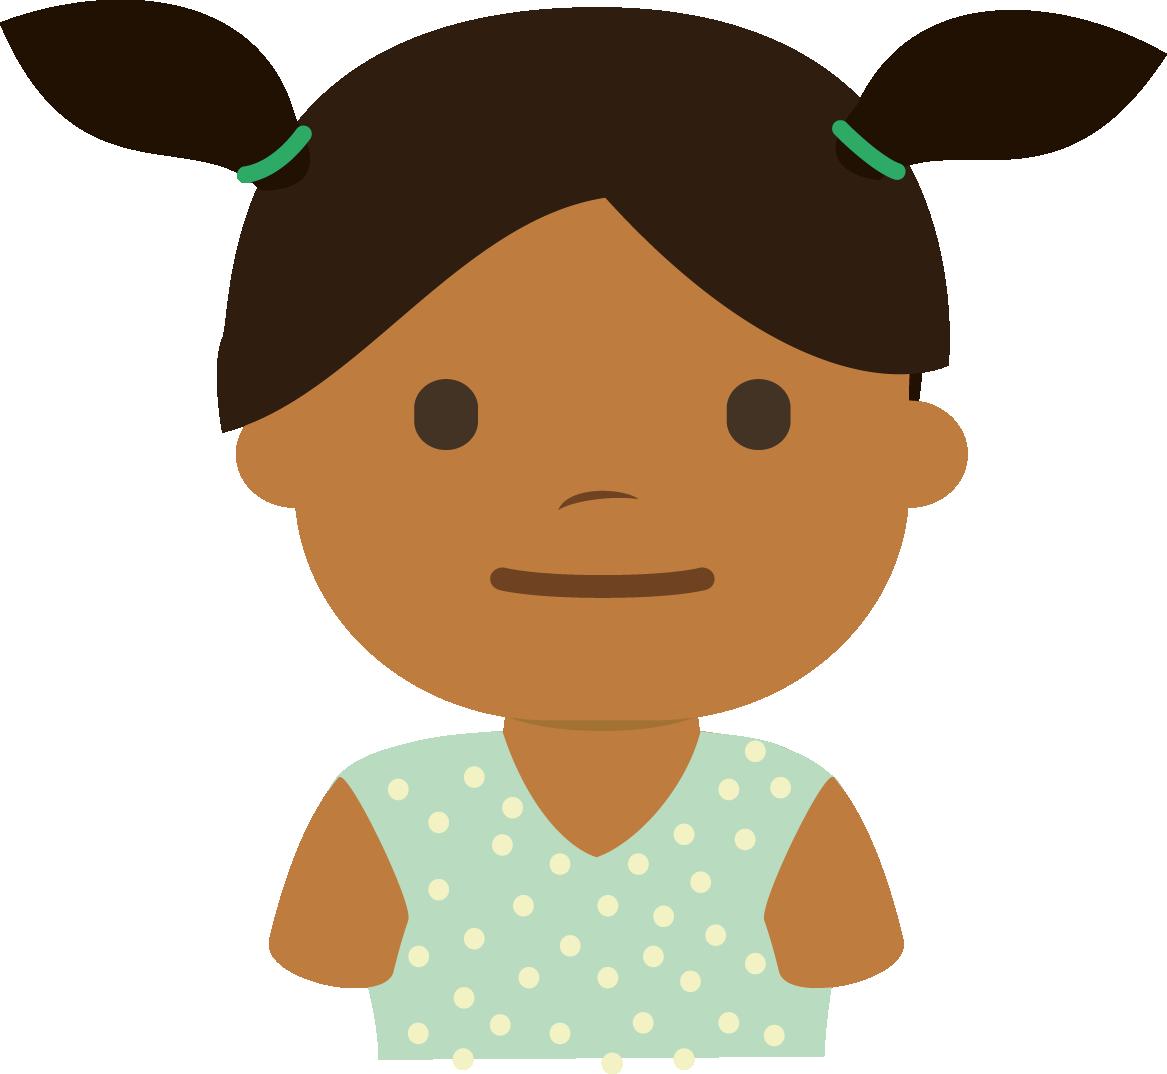 Martina con 2 años